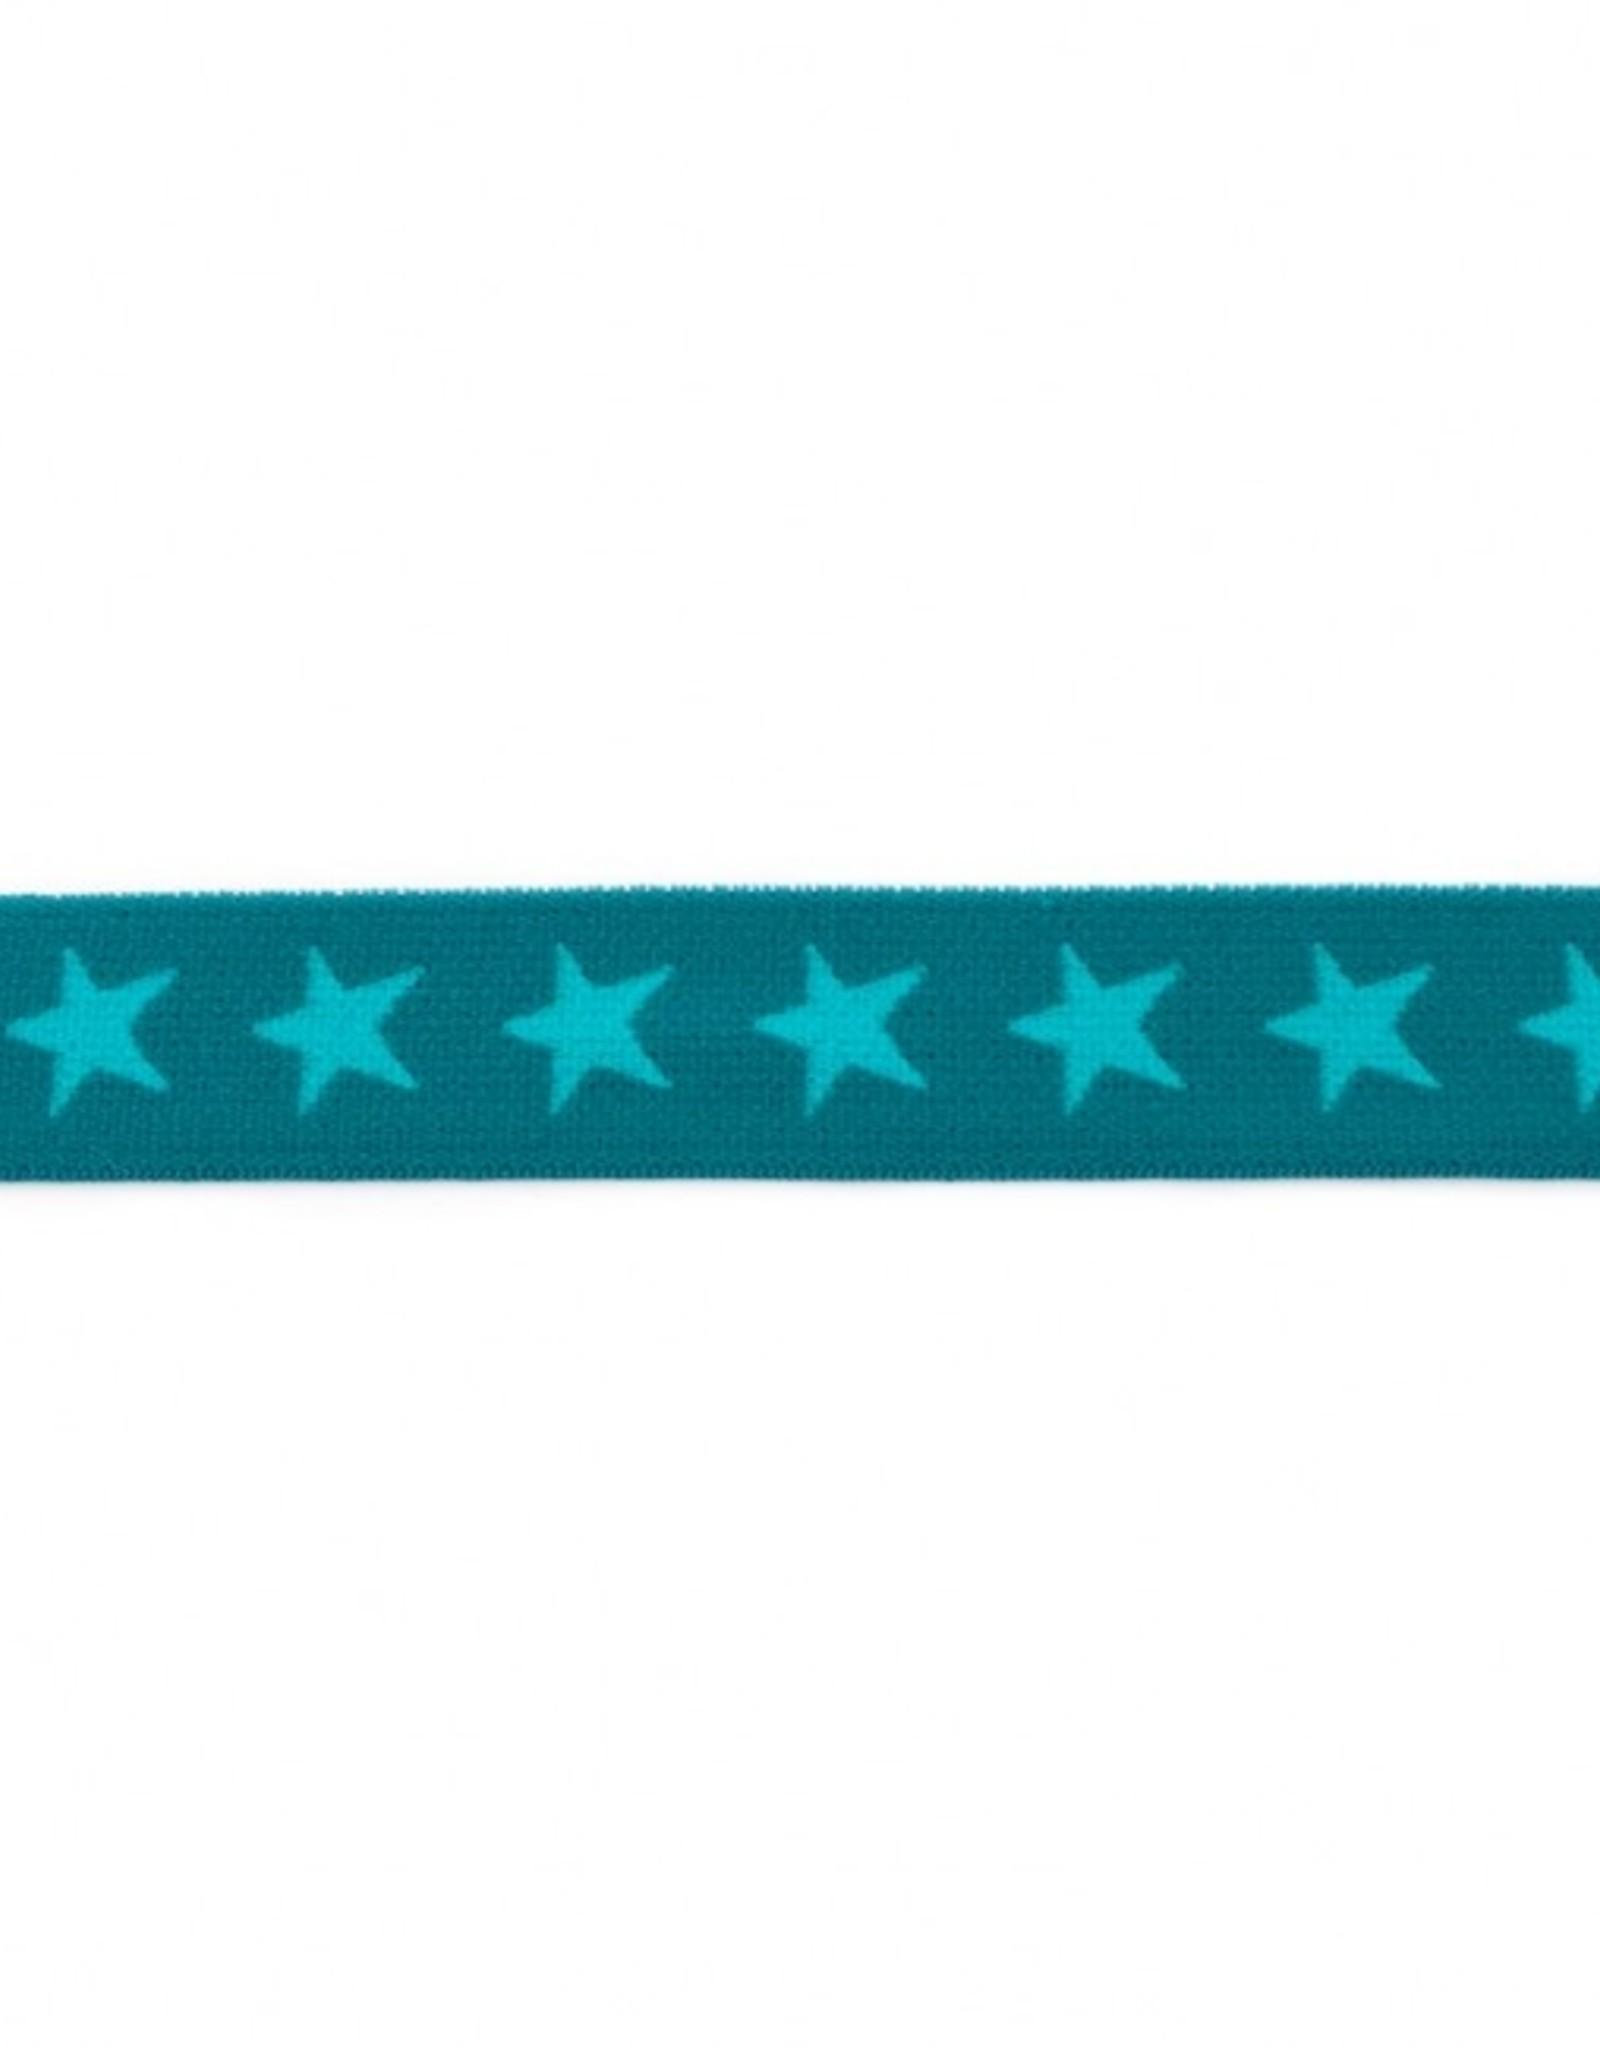 Elastiek sterren 2-kleurig dubbelzijdig petrol-appelblauwzeegroen 20mm